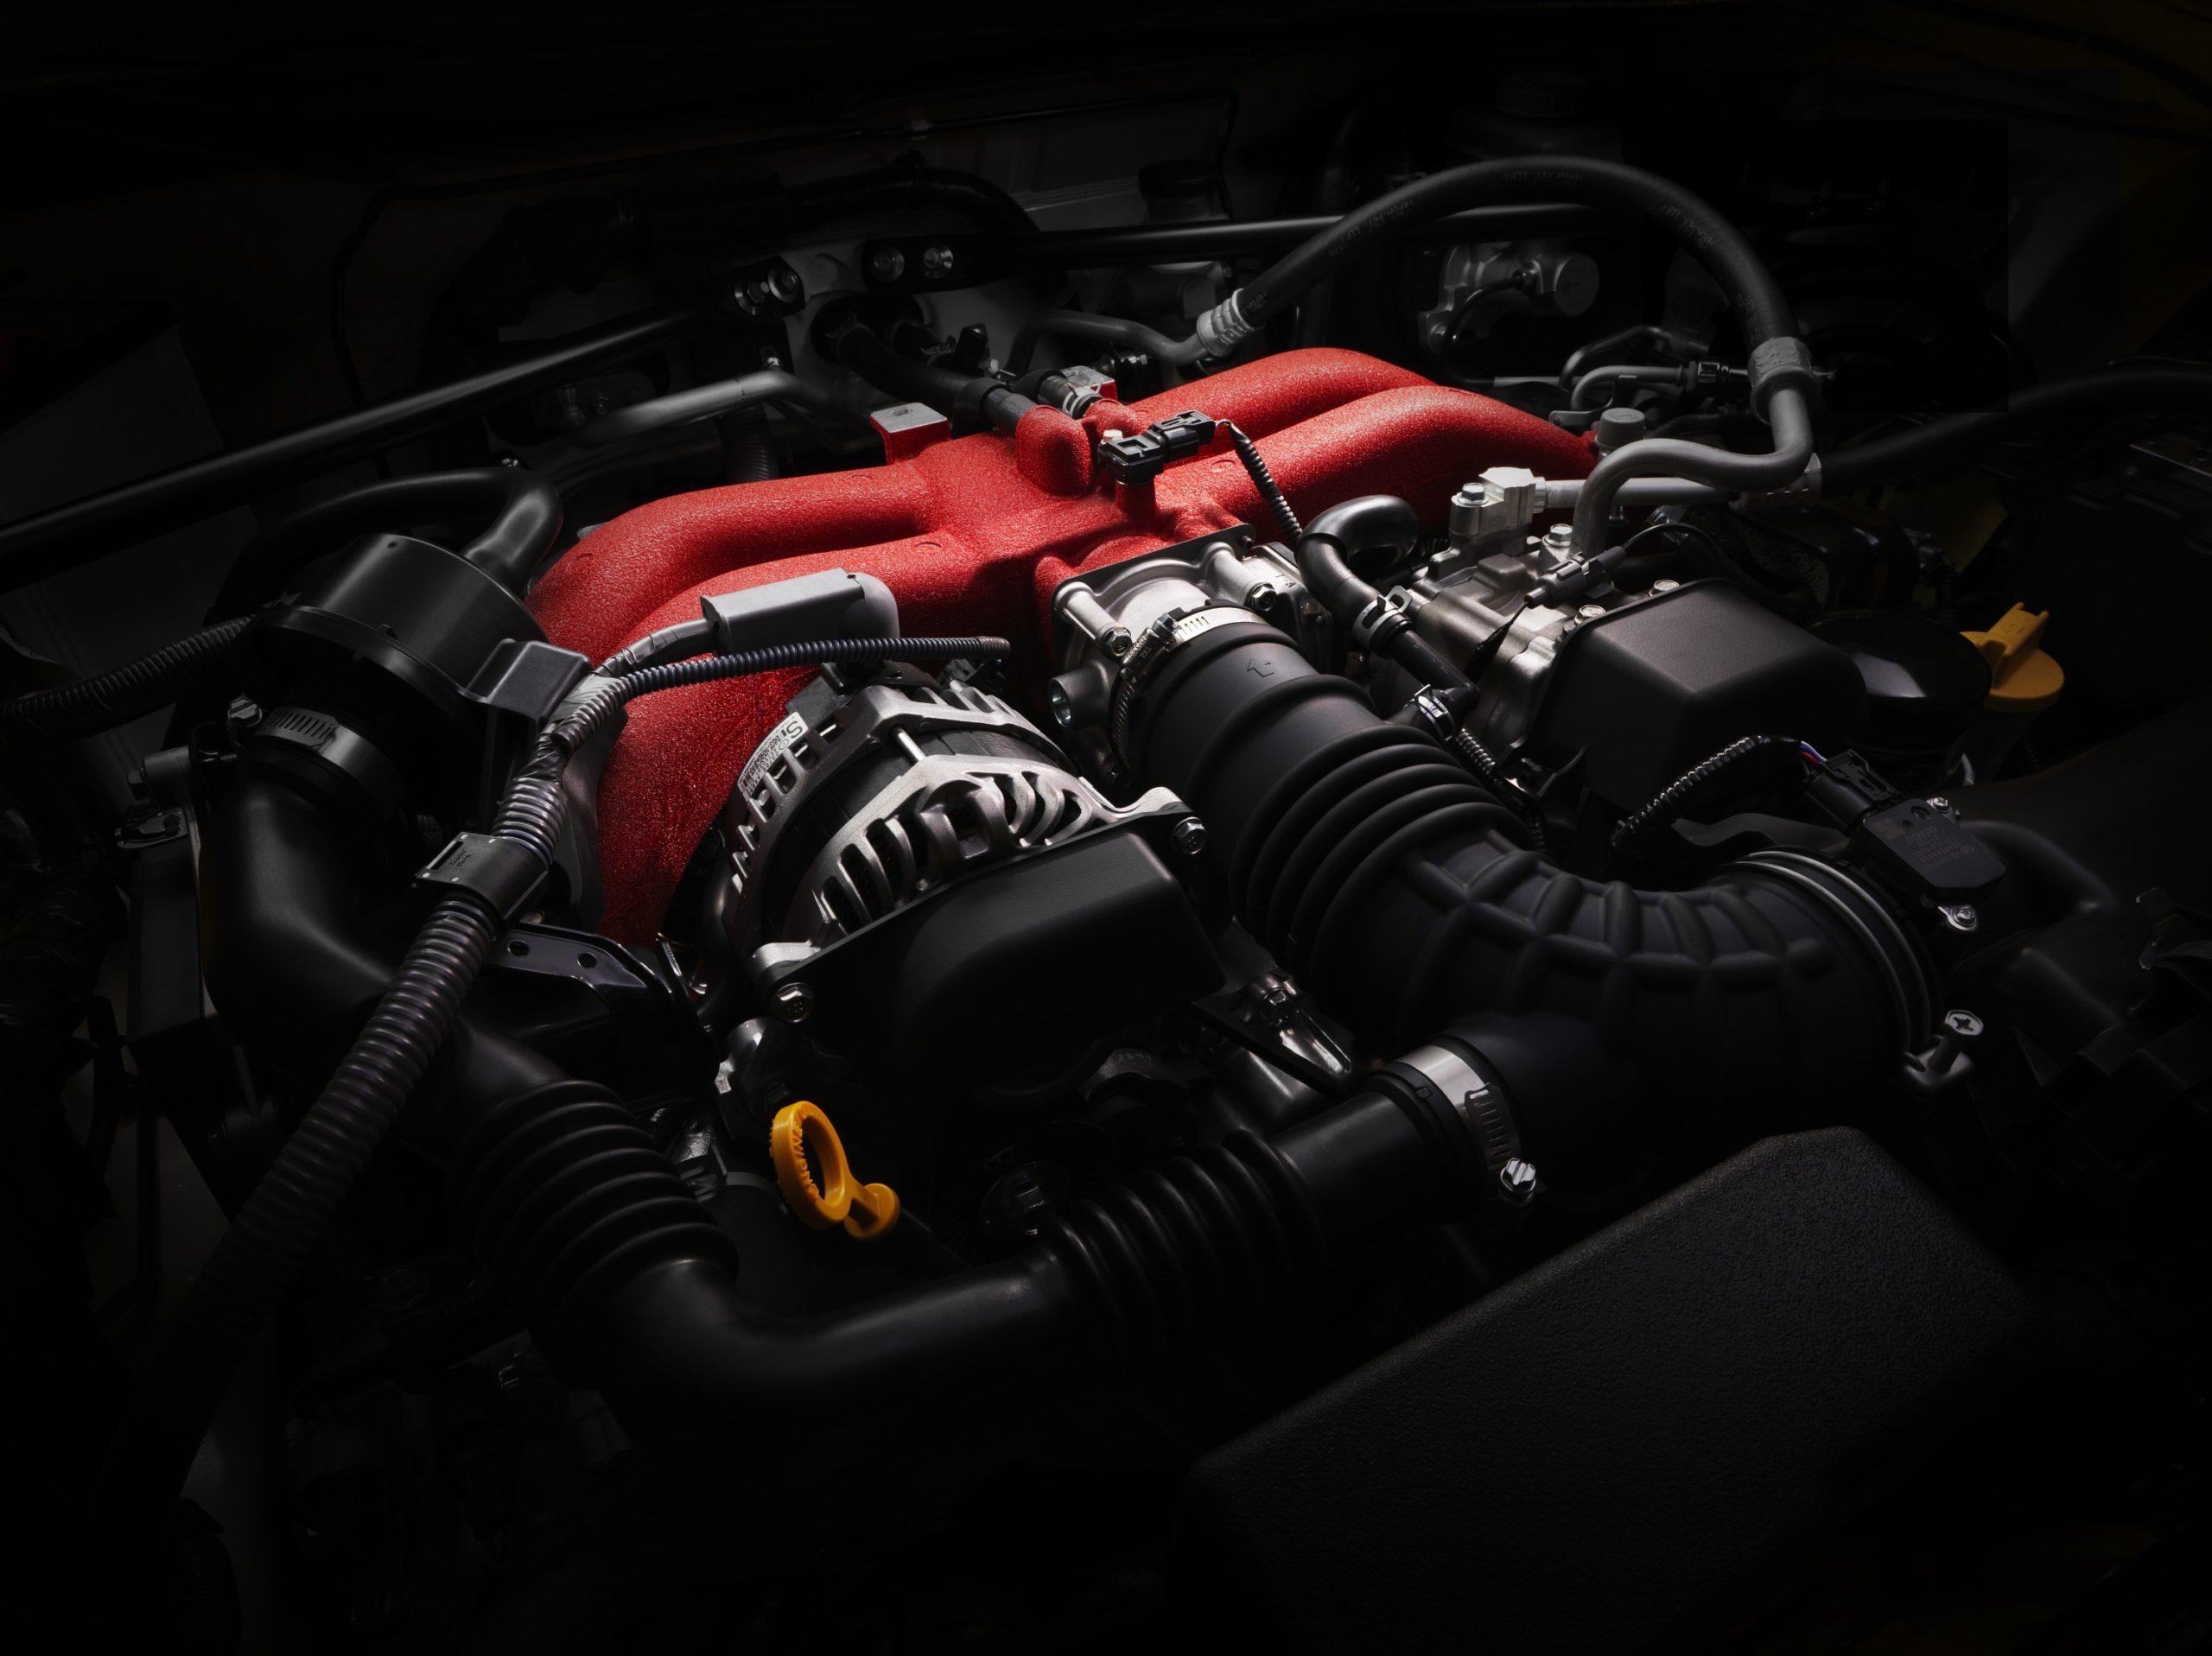 BRZ engine